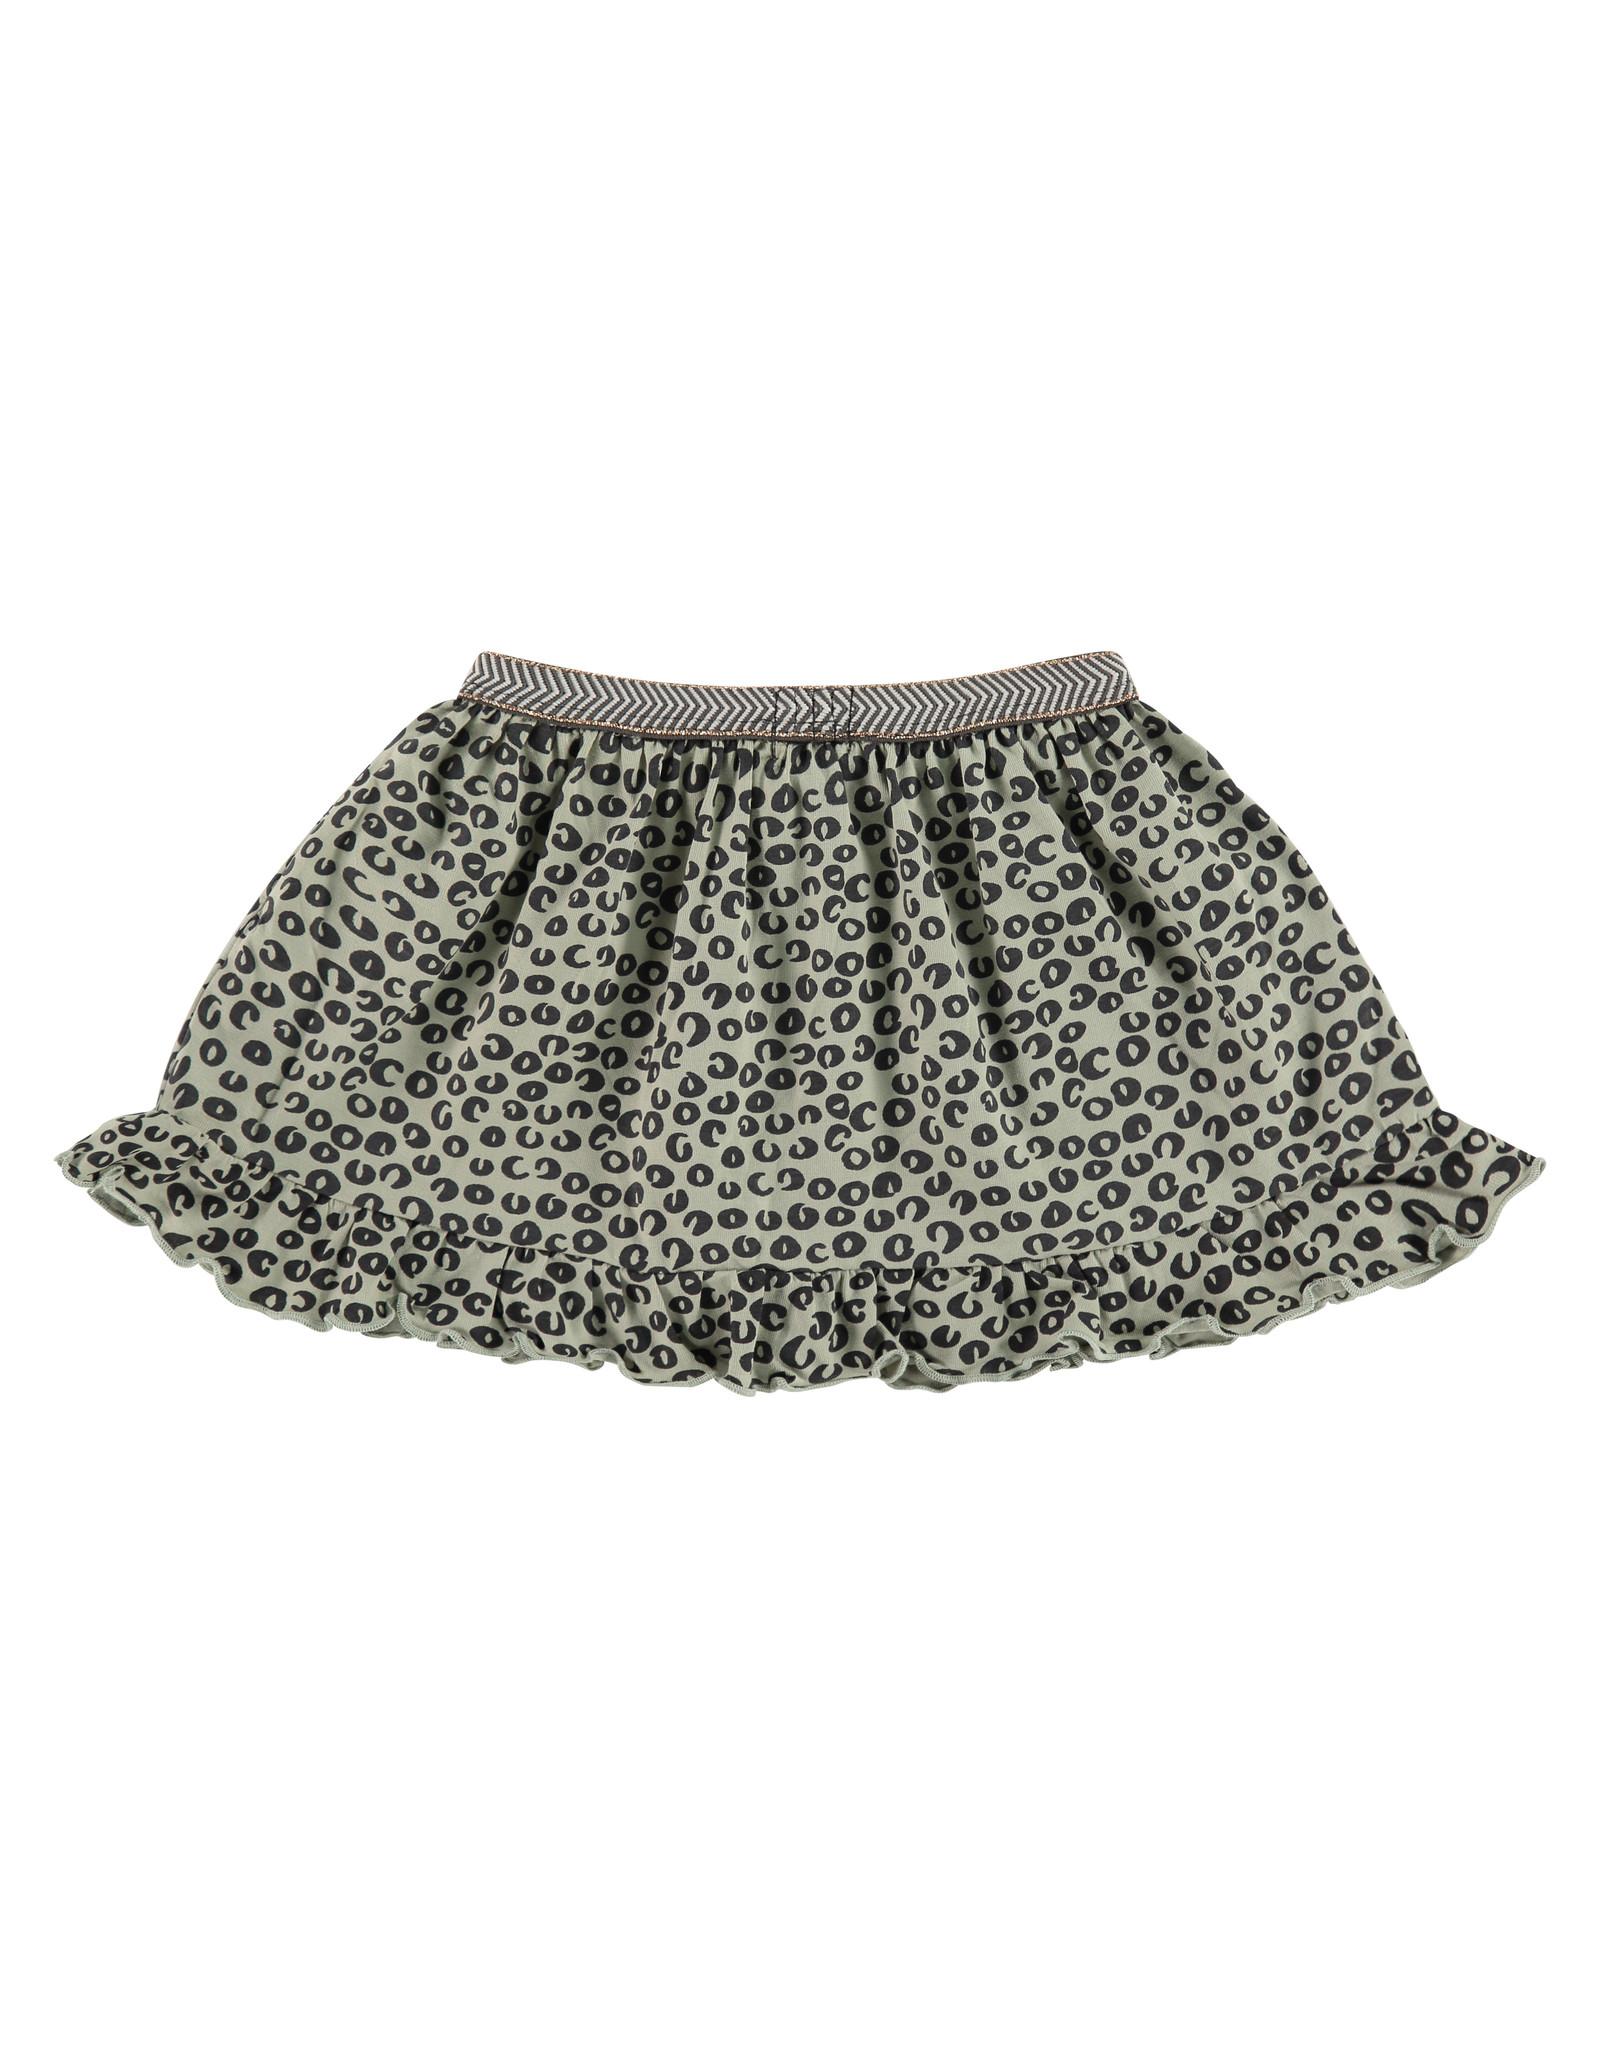 Babyface girls skirt, olive, BBE21108801